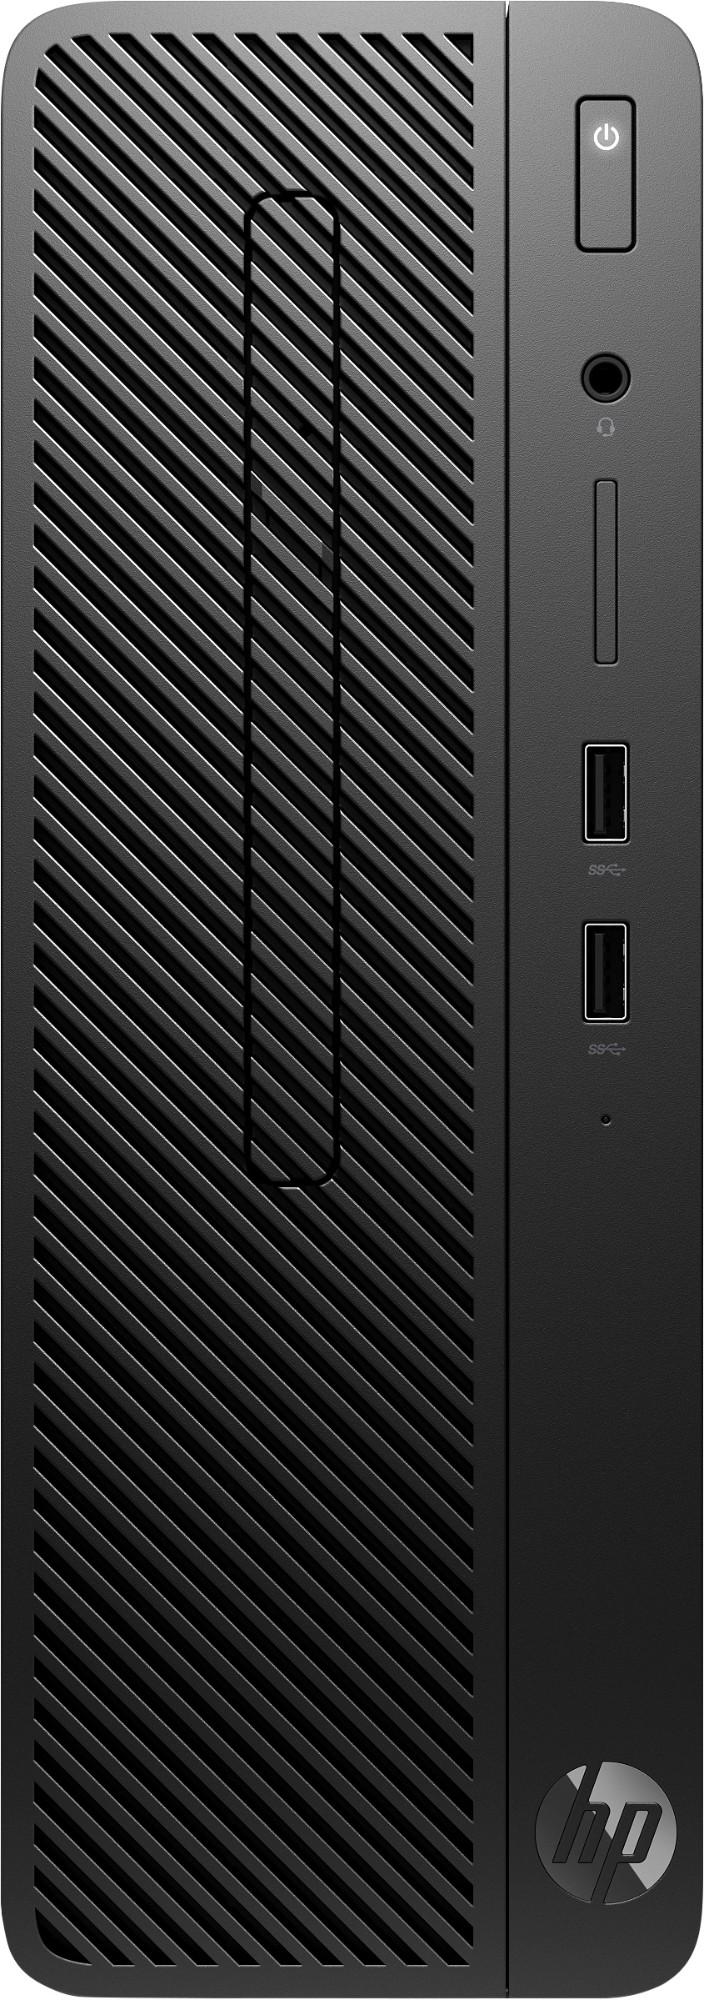 HP 290 G1 8th gen Intel® Core™ i5 i5-8500 8 GB DDR4-SDRAM 1000 GB HDD Black SFF PC